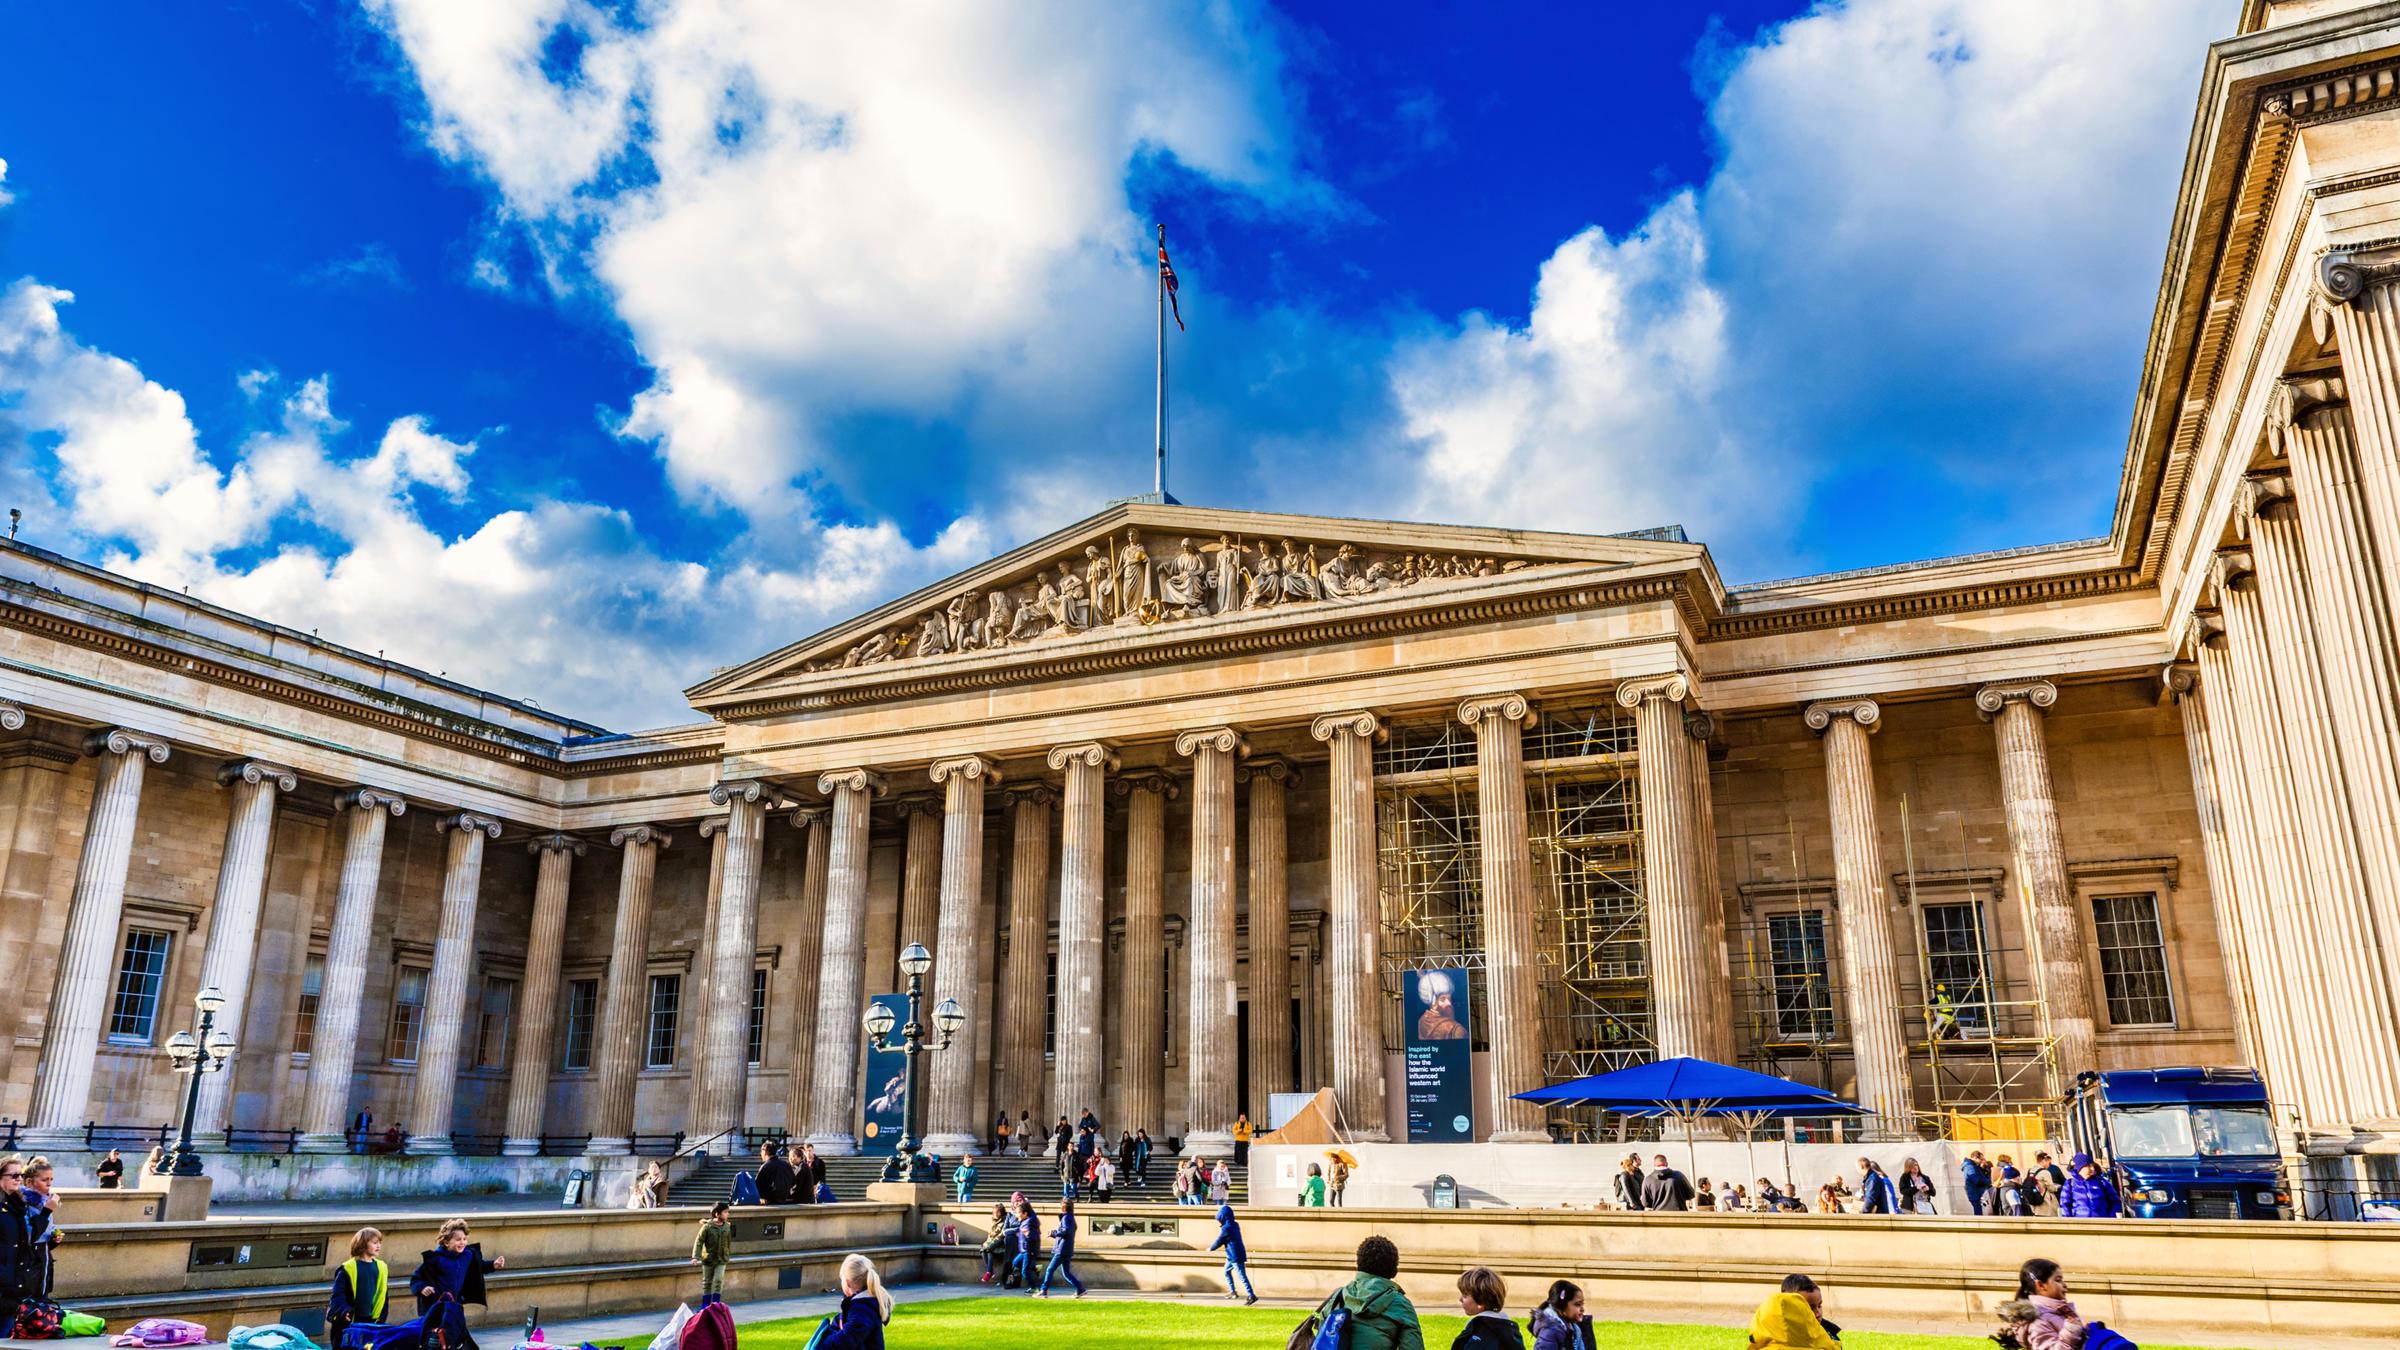 Британский музей в Лондоне: описание и фото залов